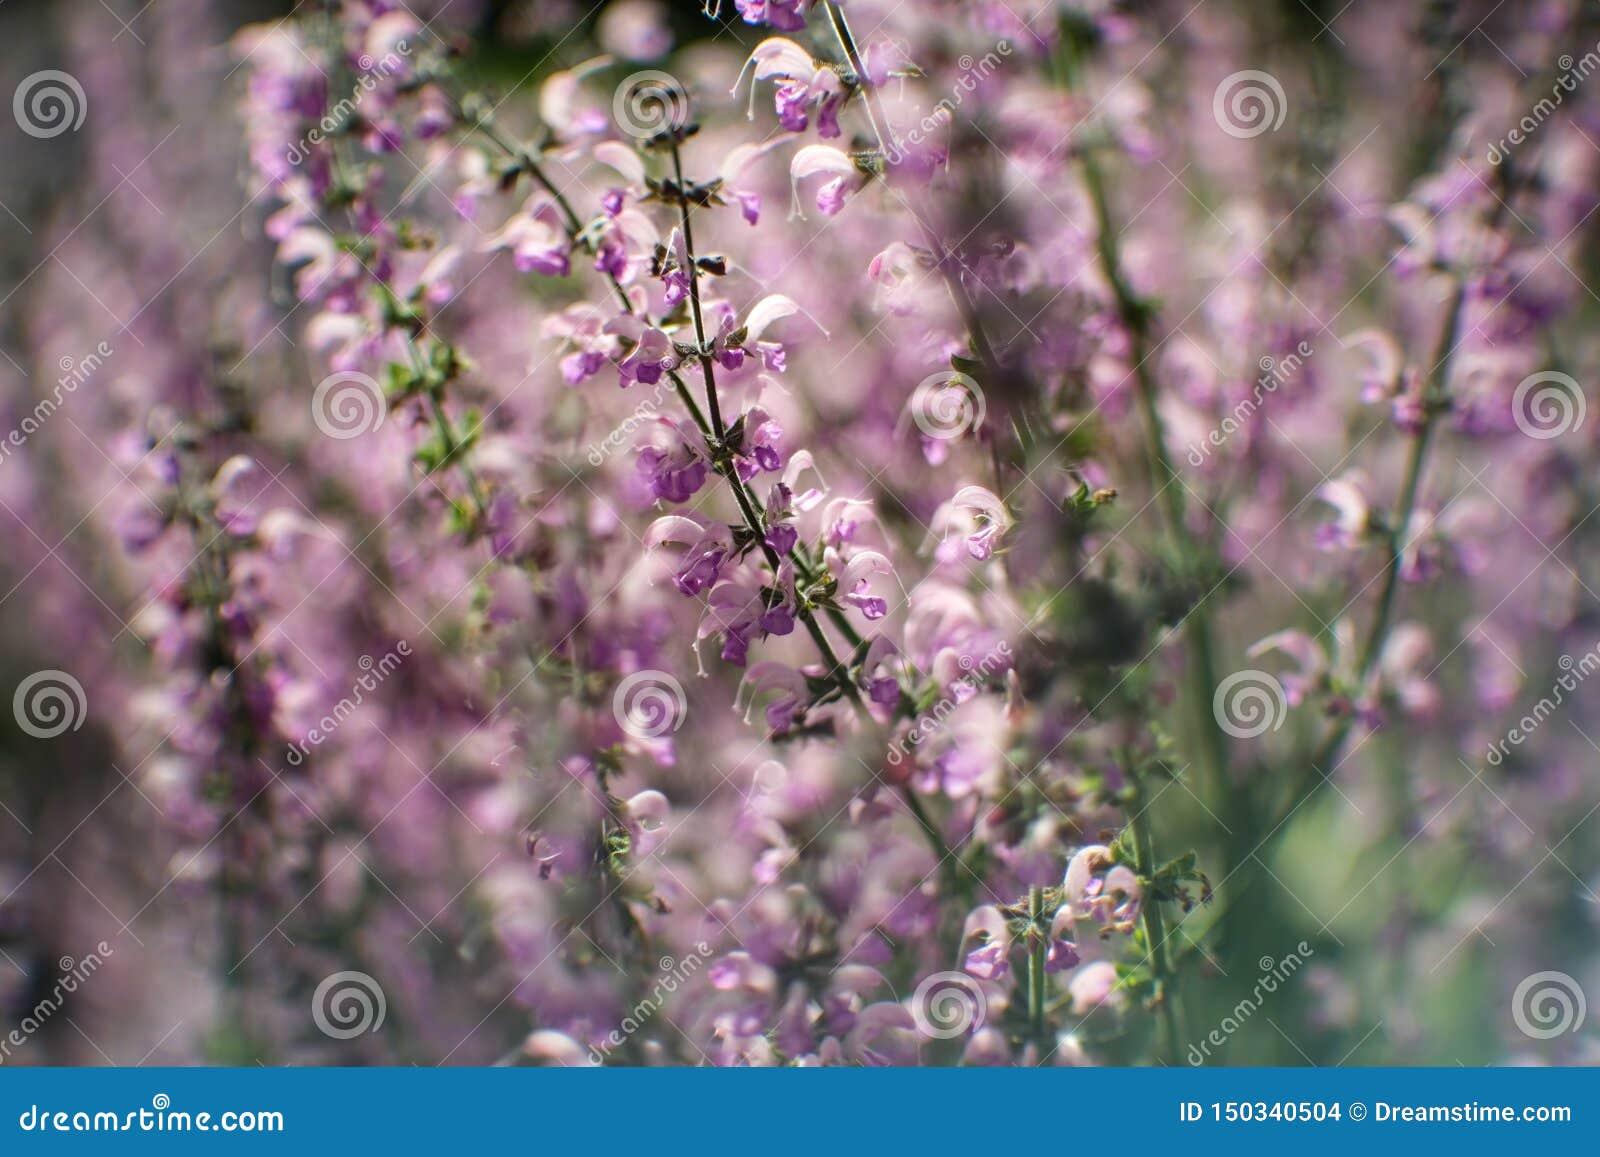 Botanisk trädgård plan, bakgrund som är härlig, blom, färg, fält, flora, blomma, natur, vår, sommar, sommar,